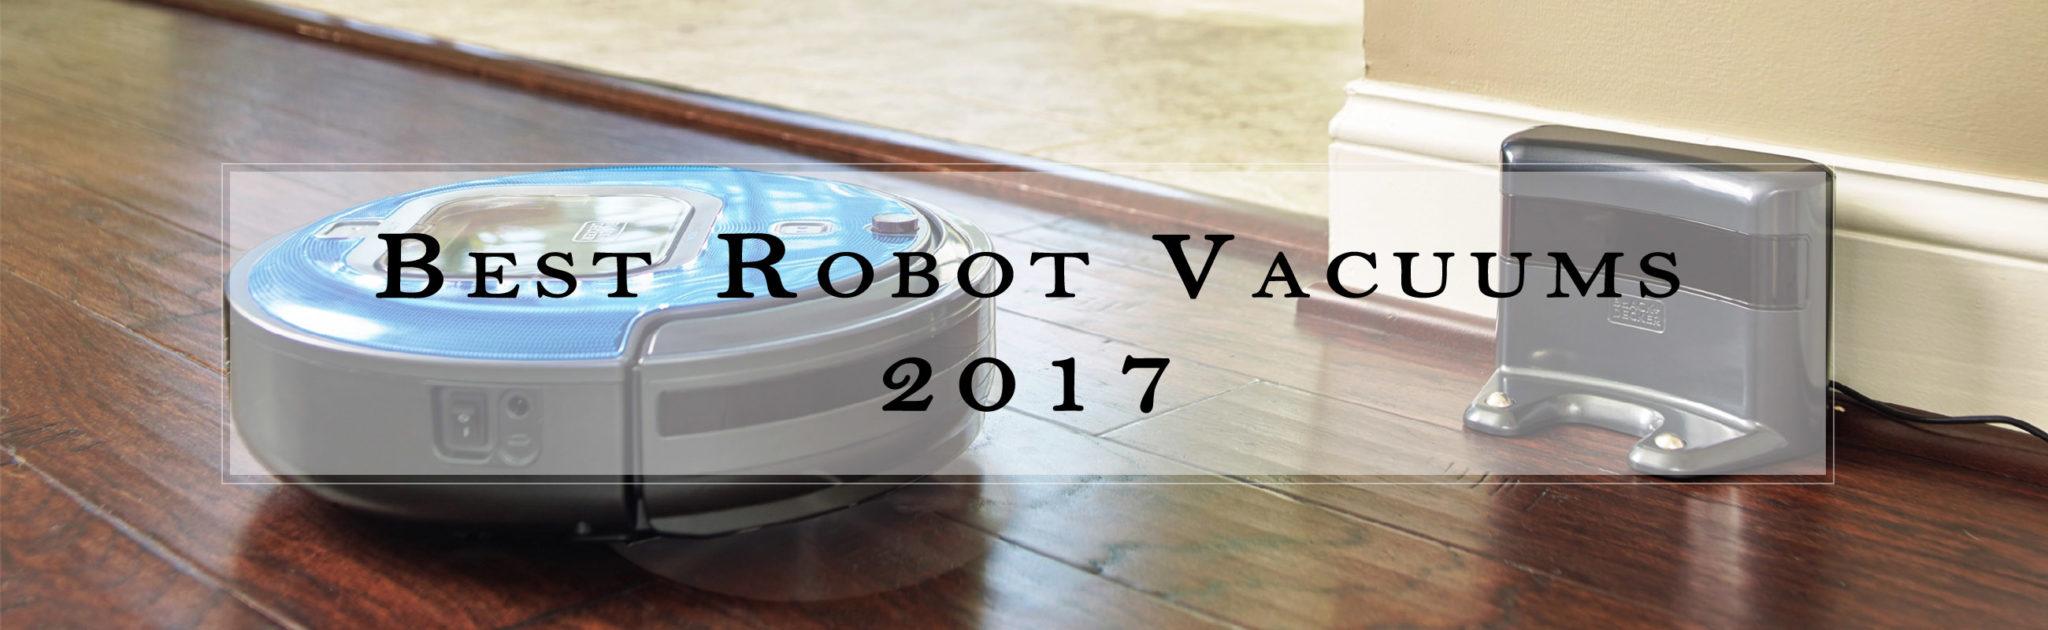 best robot vacuum 2017